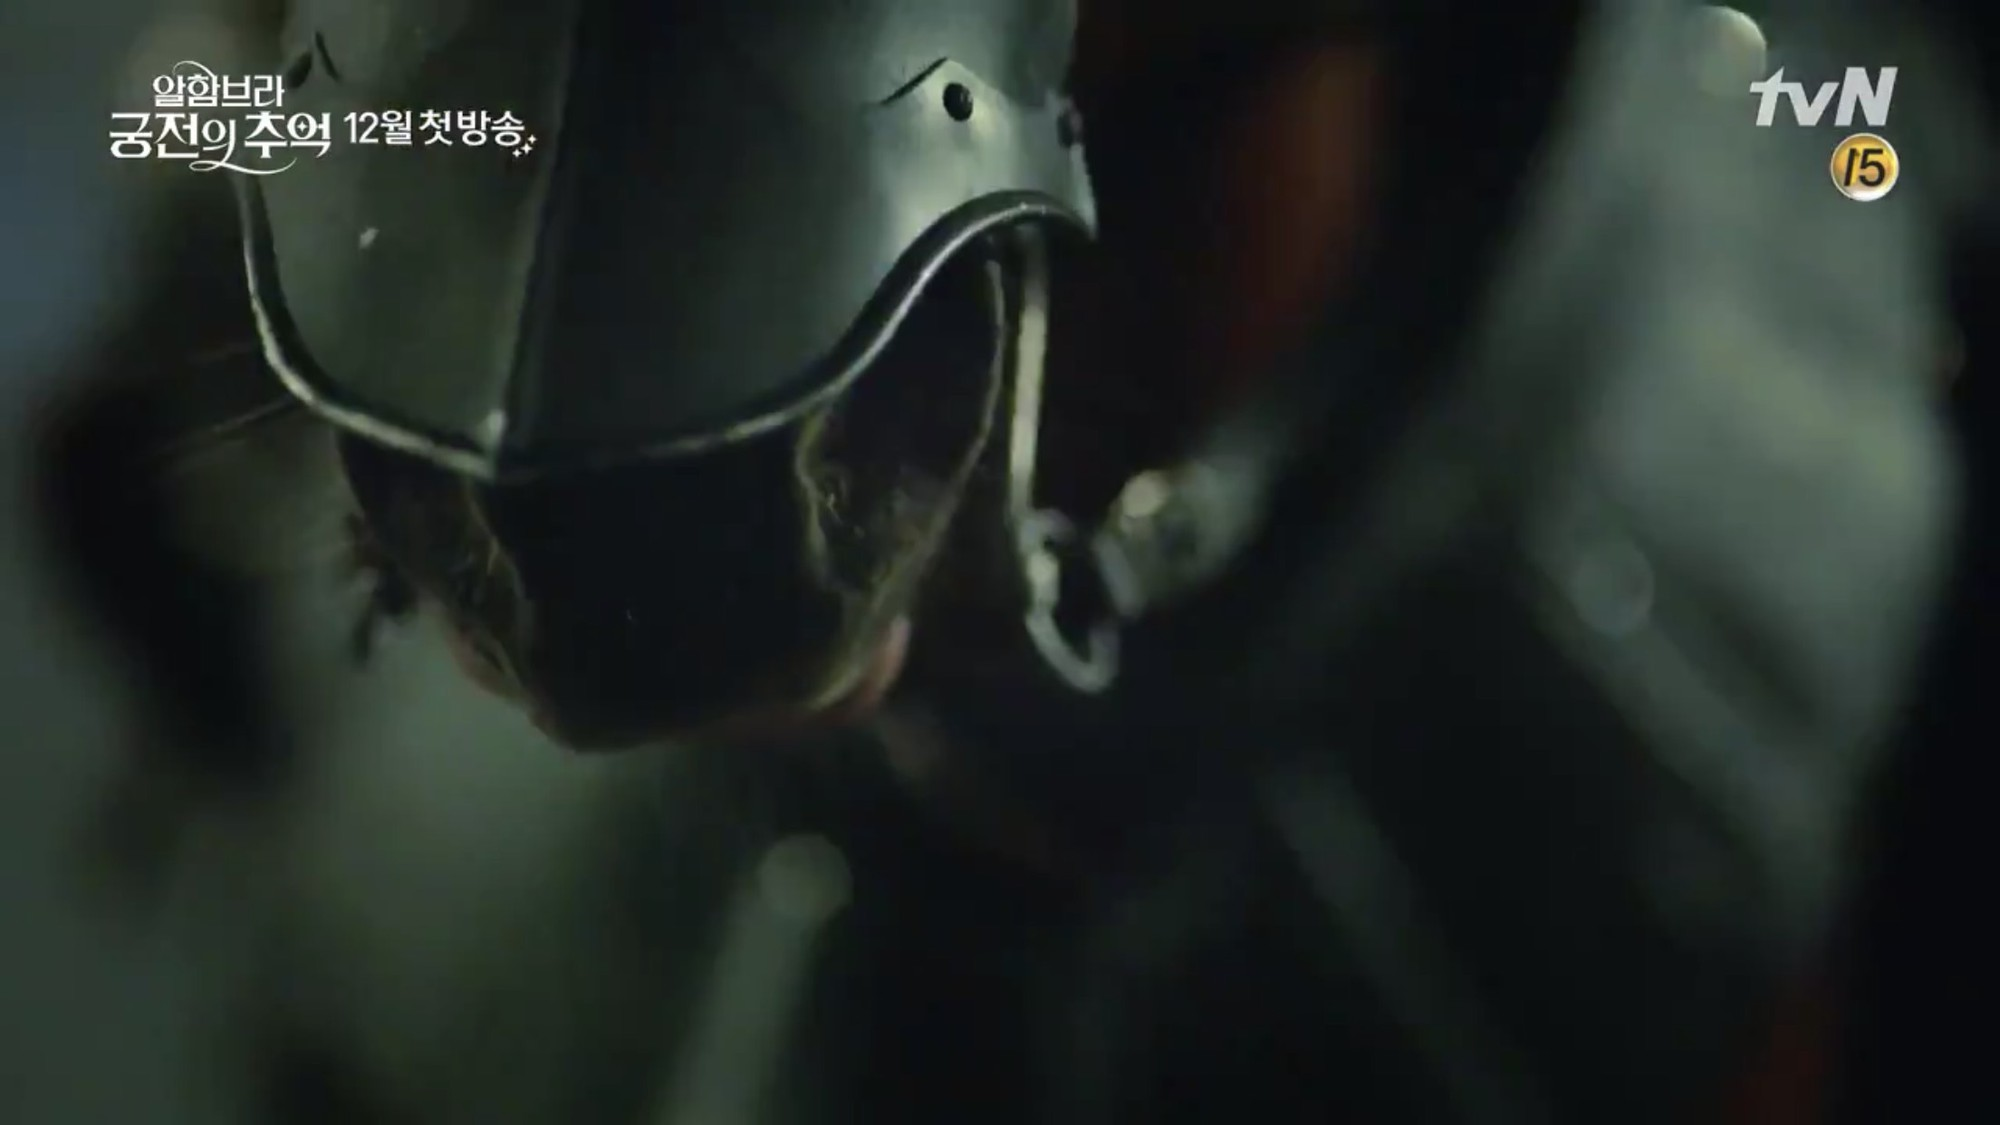 Park Shin Hye trùm khăn đỏ huyền bí trong teaser Memories of the Alhambra vừa tung nóng hổi - Ảnh 10.